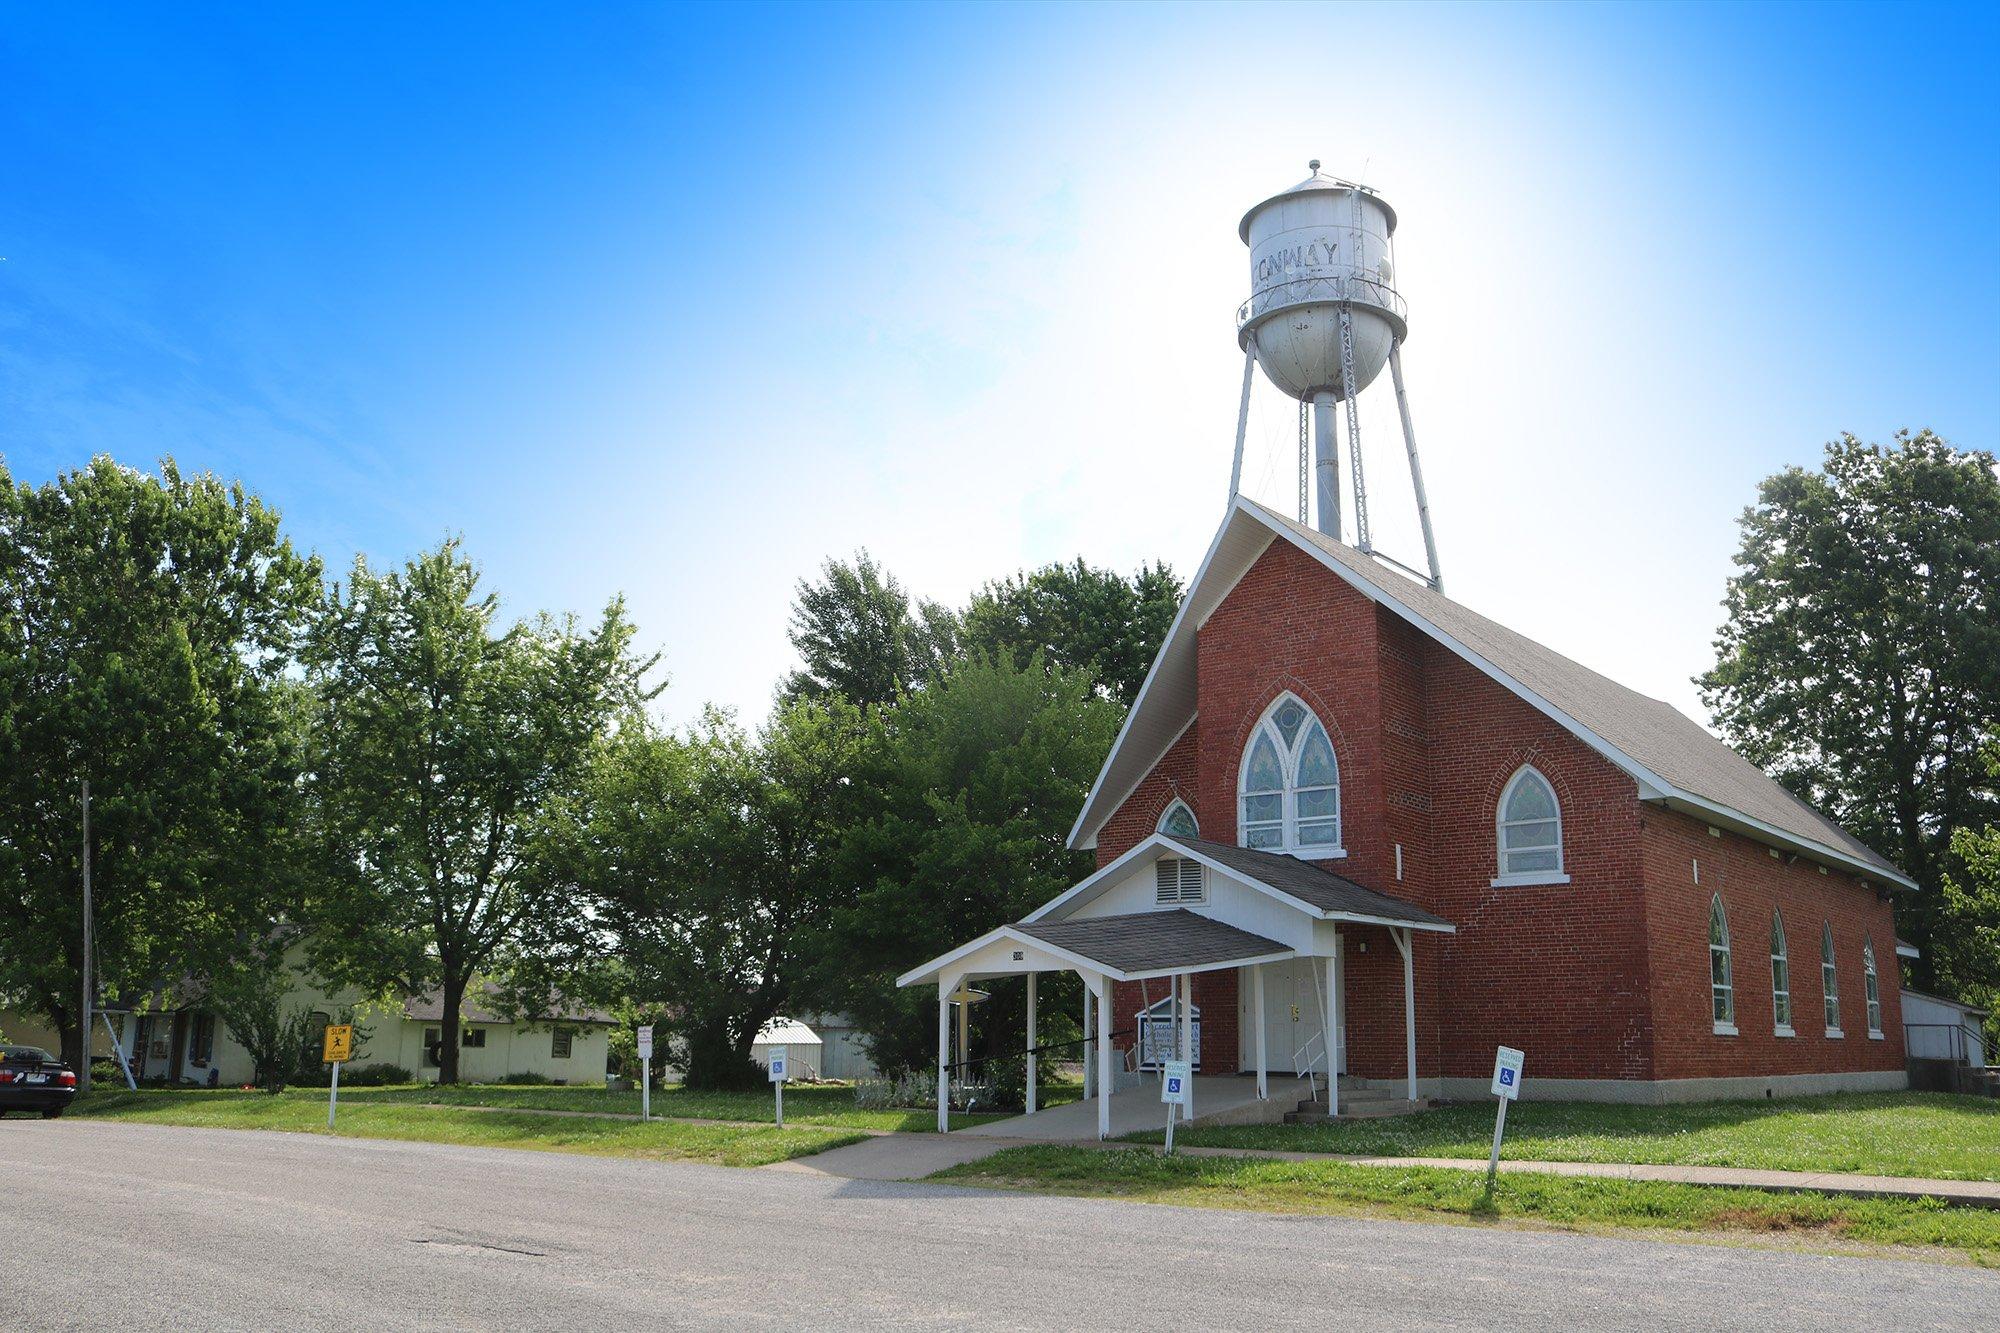 Holy Trinity Catholic Church Marshfield MO exterior